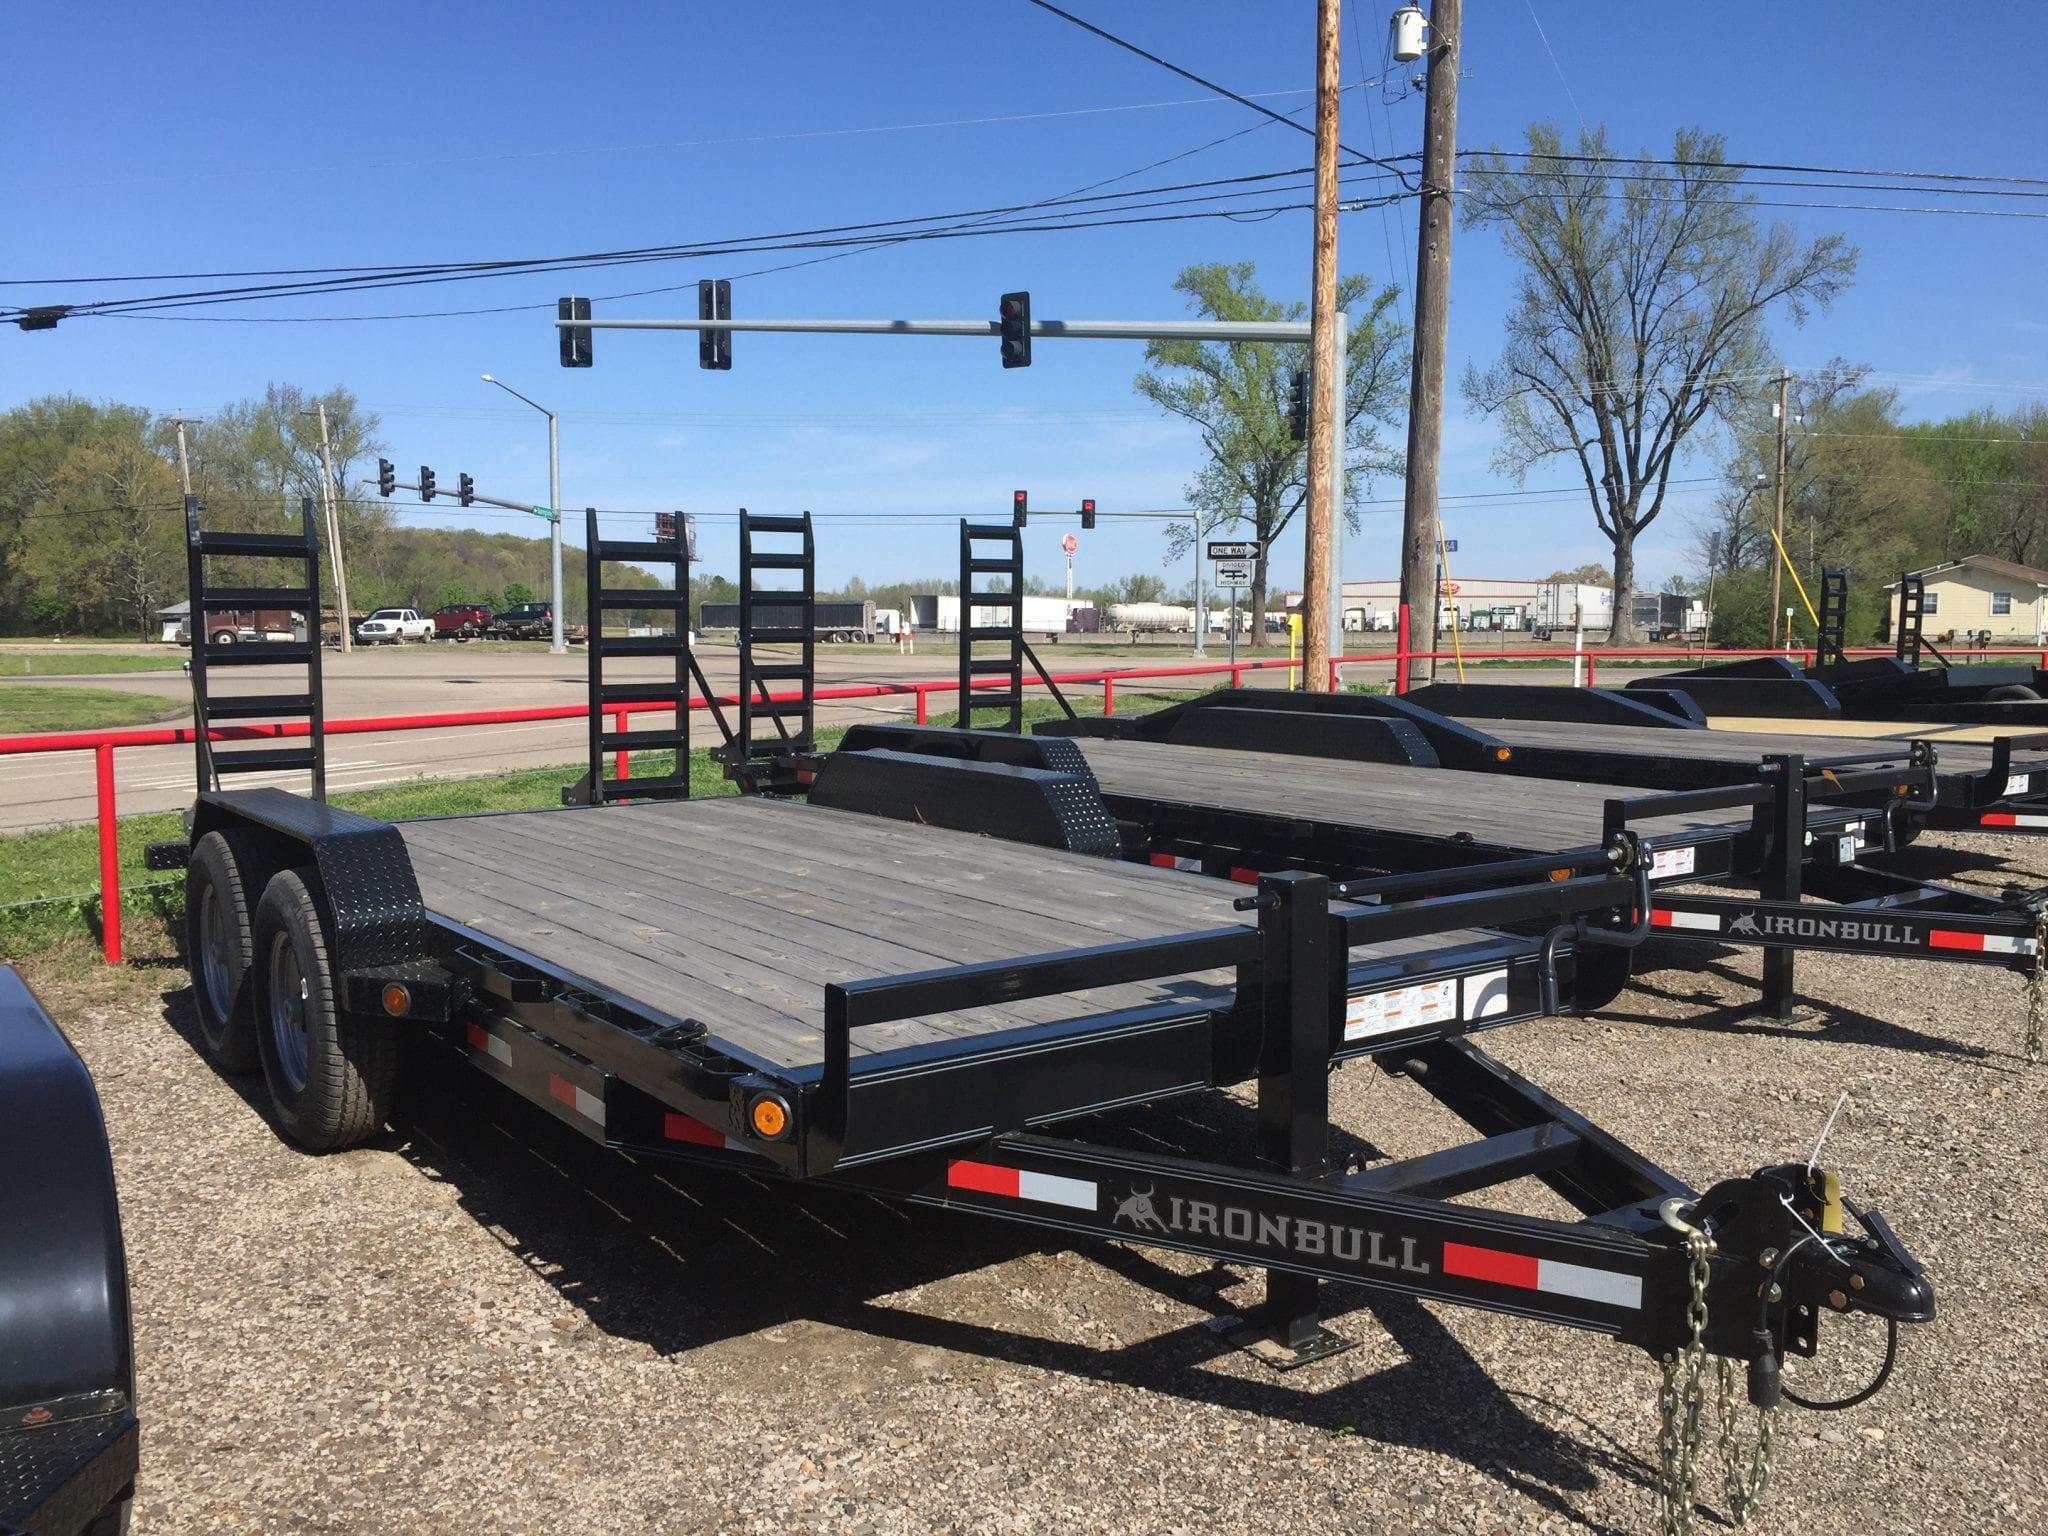 Ironbull 16' Equipment Trailer - Cornerstone Equipment Sales